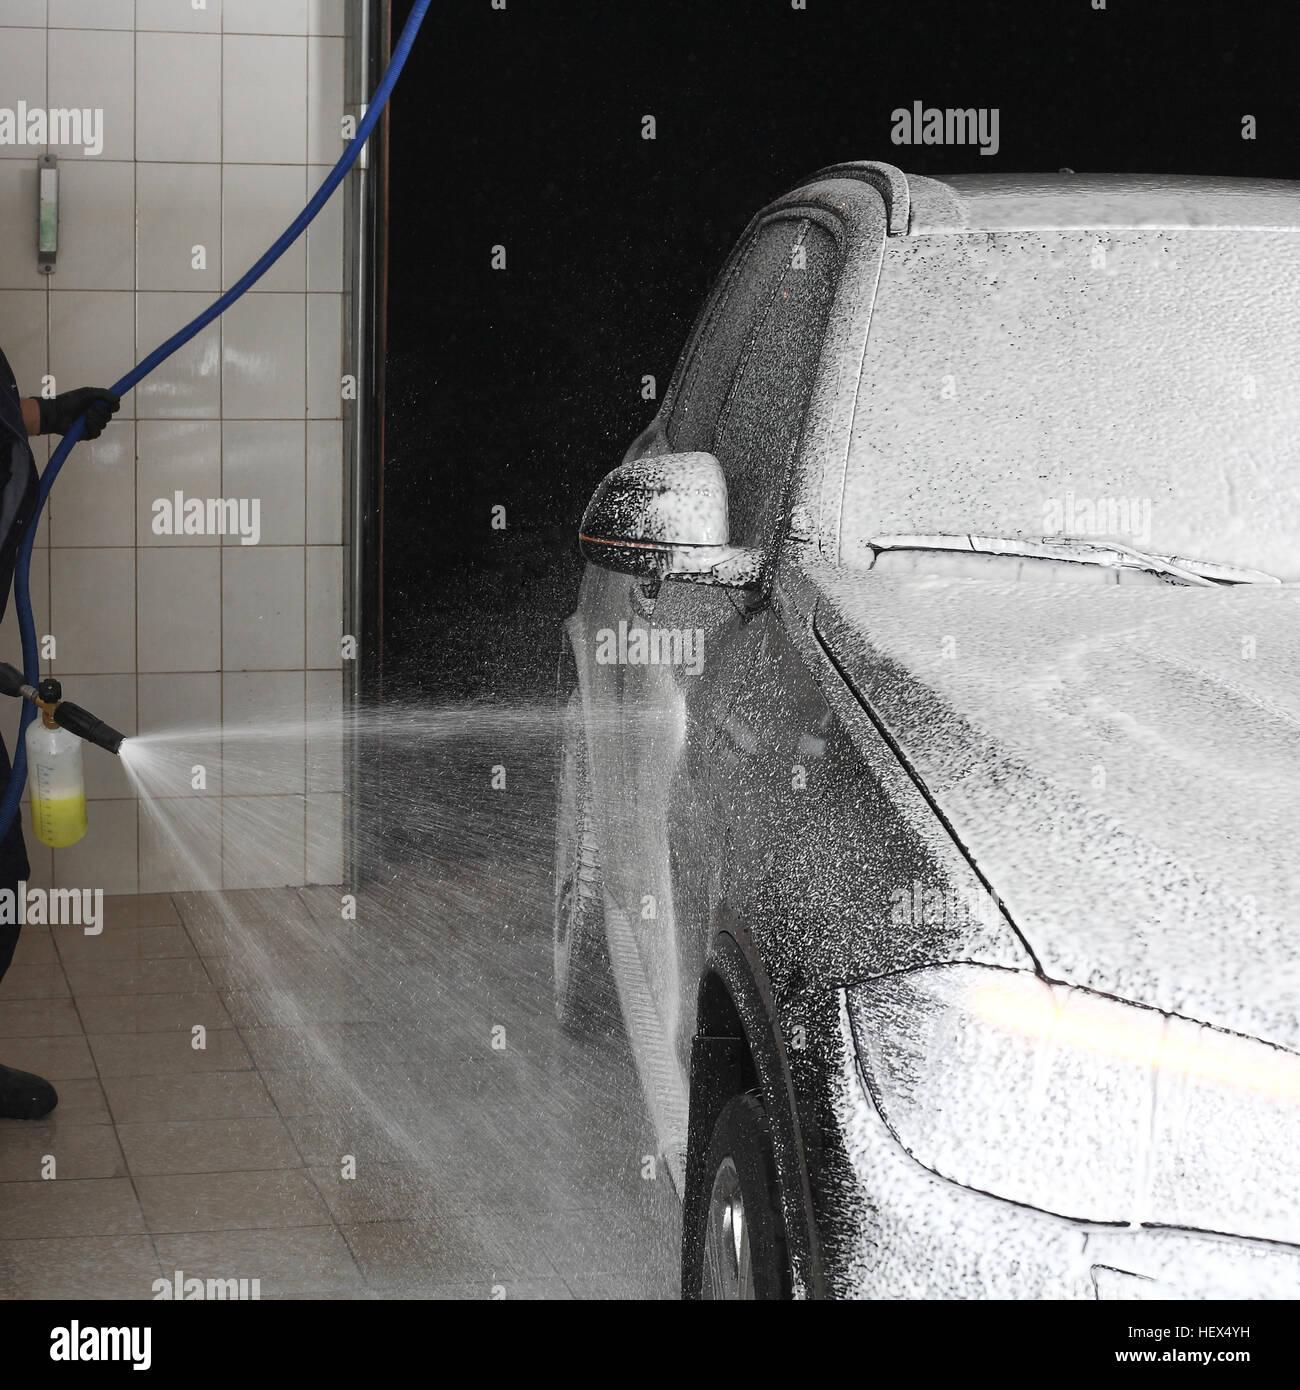 Car Under Water Stockfotos & Car Under Water Bilder - Alamy